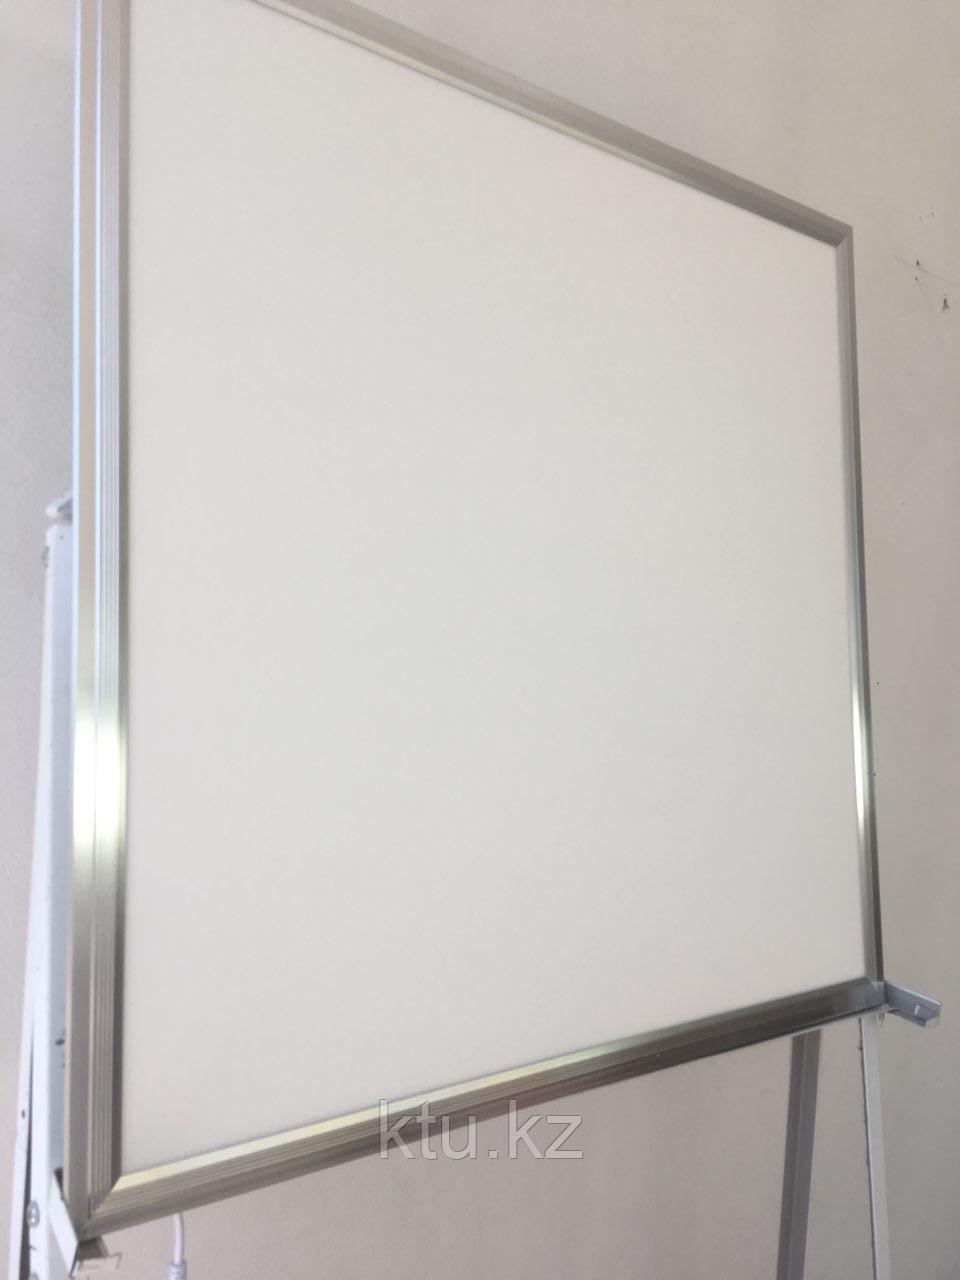 Светильник под армстронг для общественных помещениях JL-595 36W 1год гарантия